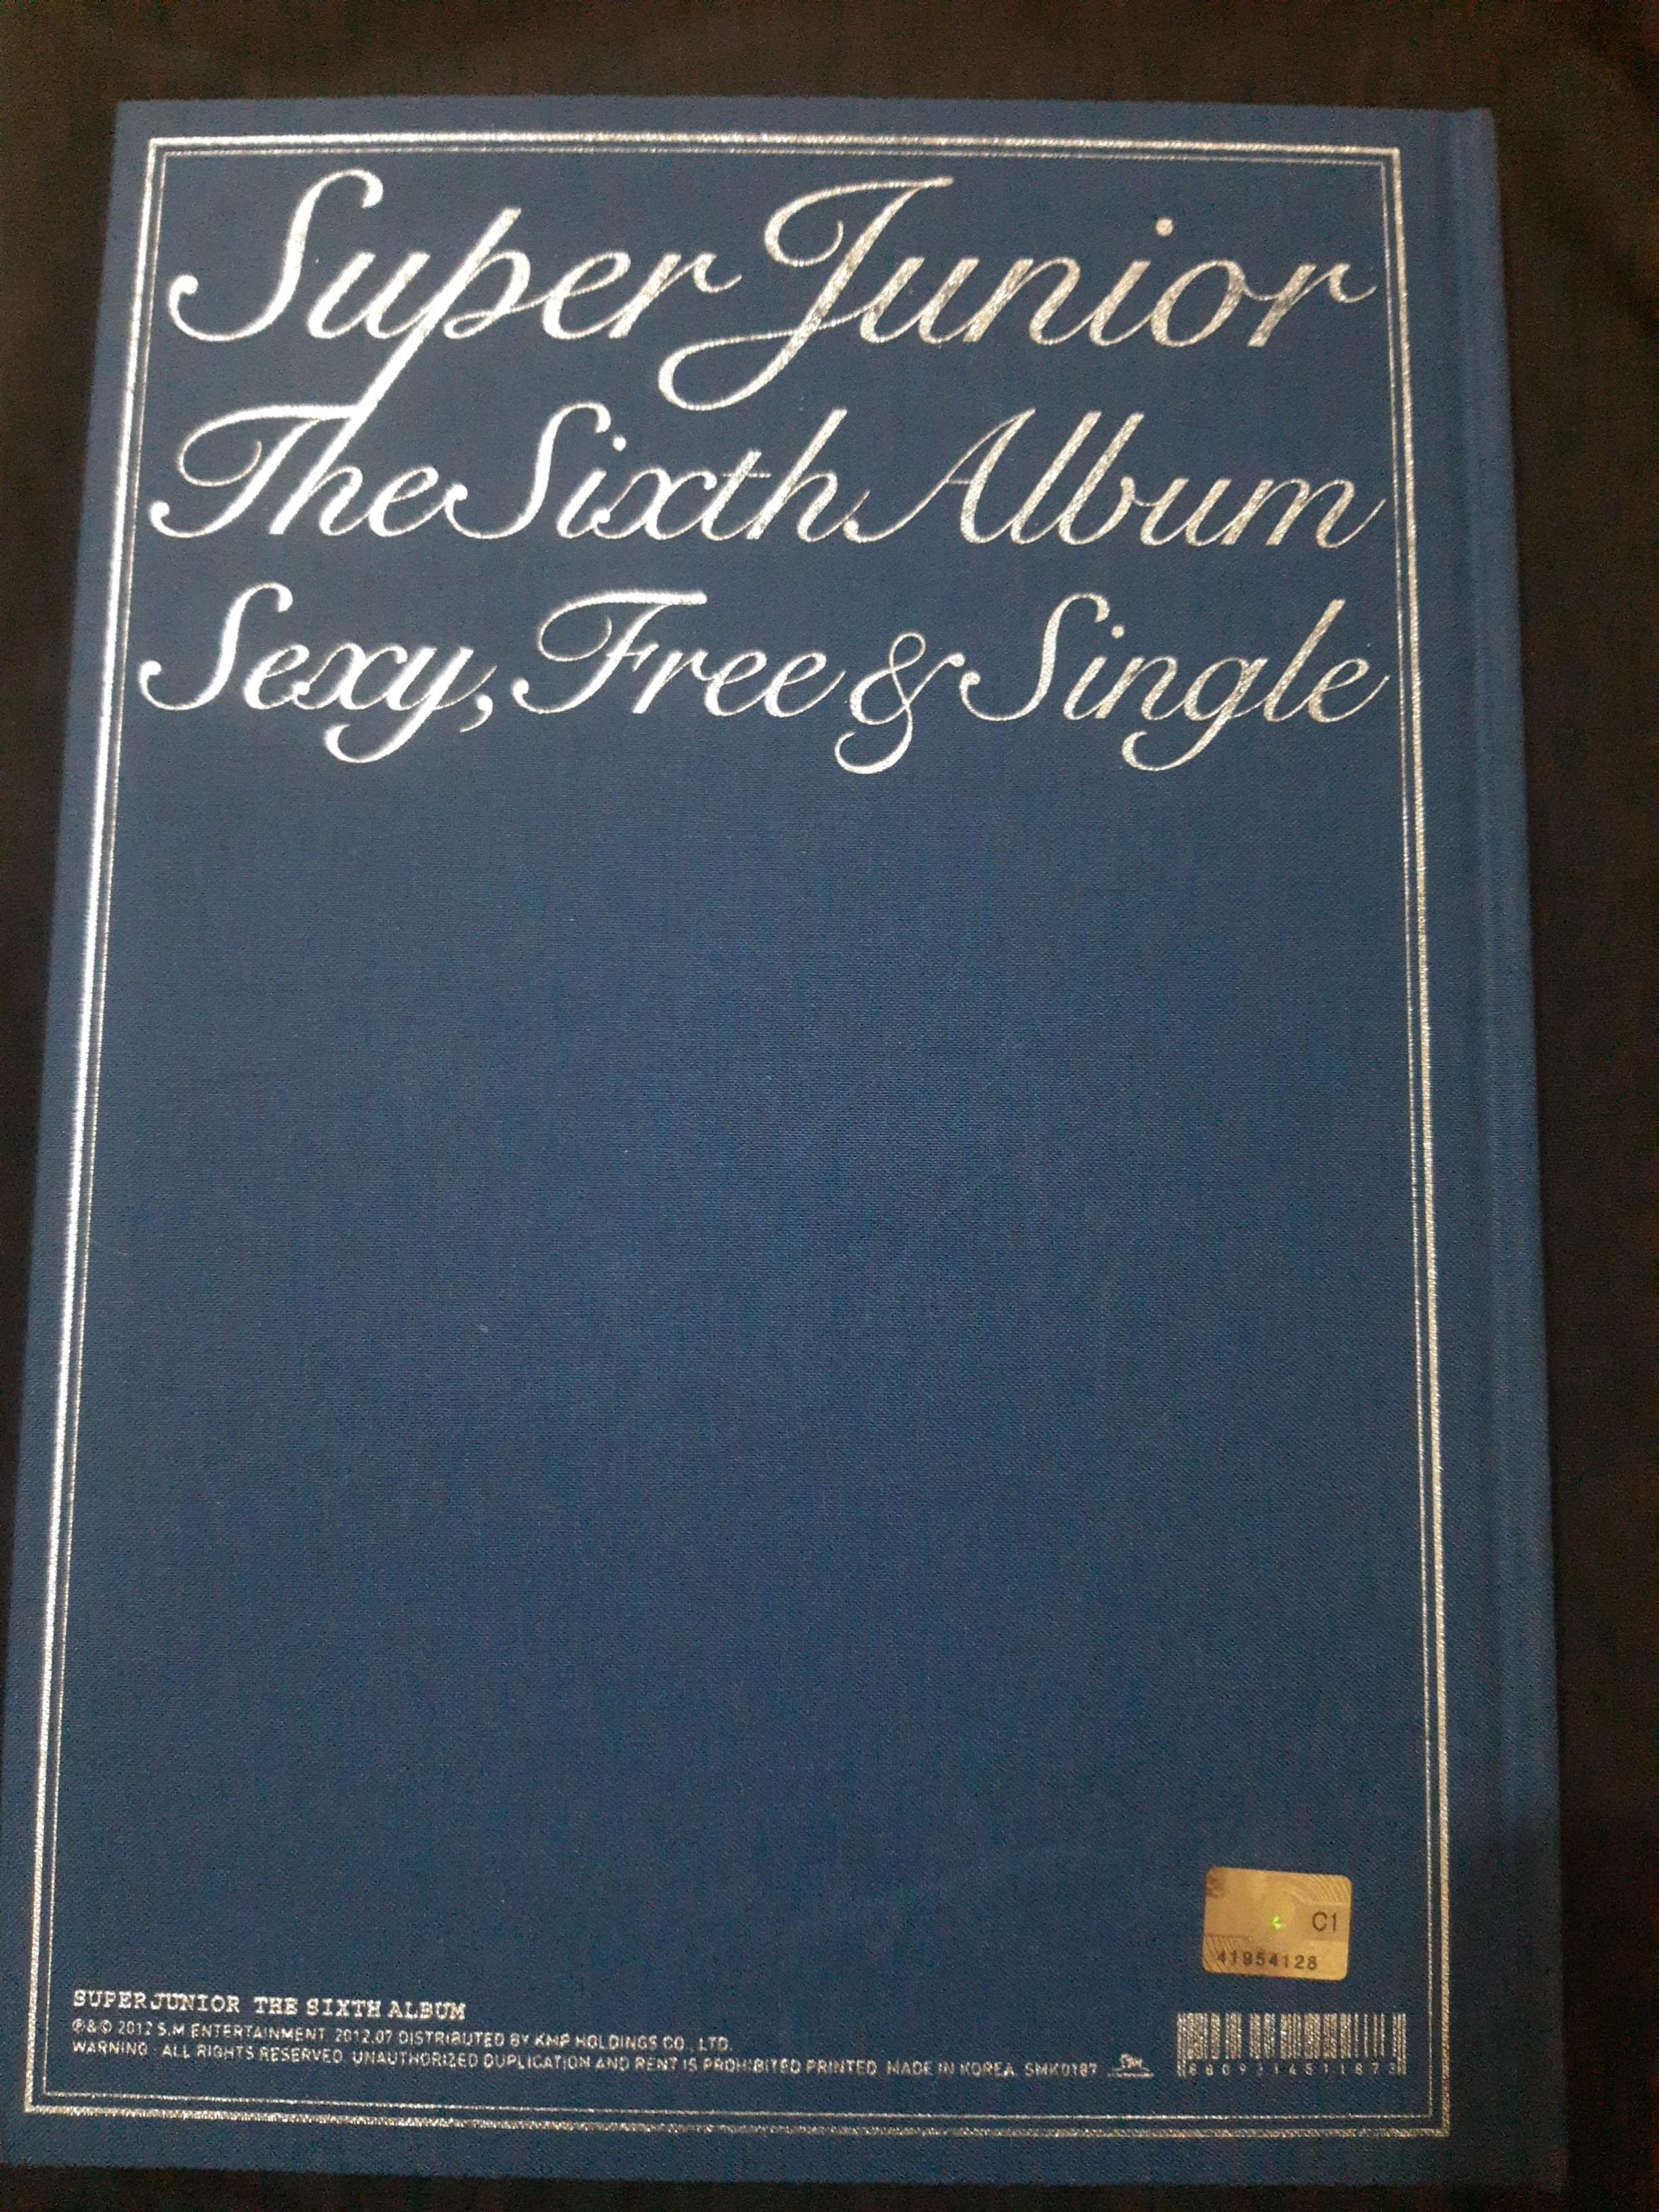 Super junior 6th album sexy free & single ori Korea